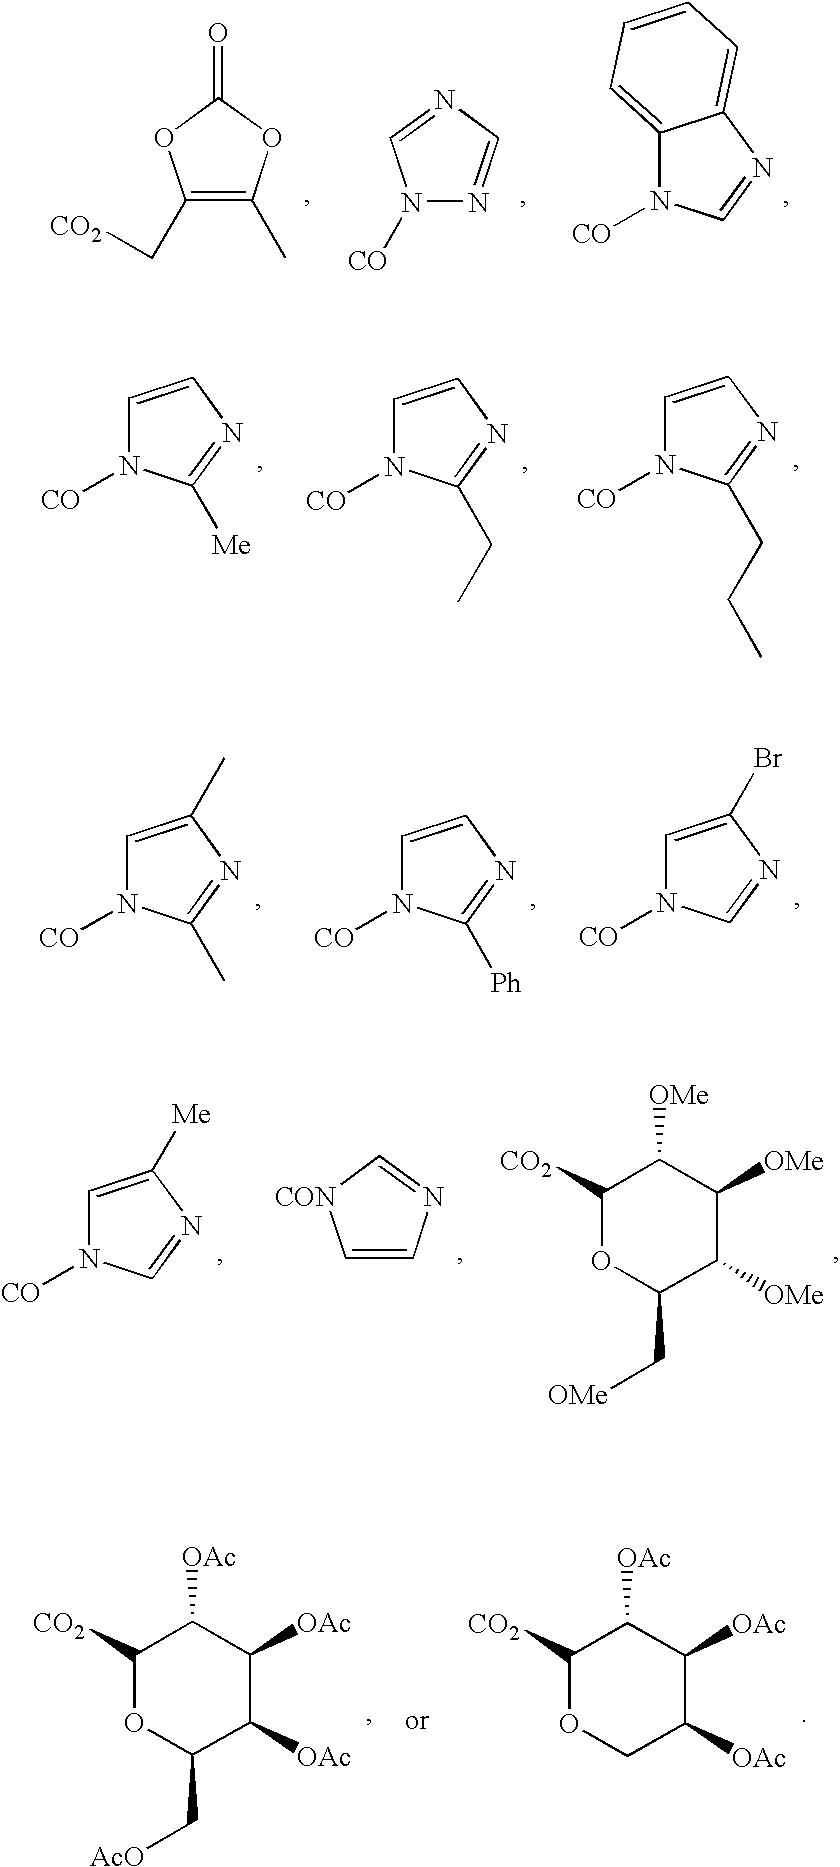 Figure US20040002463A1-20040101-C00046